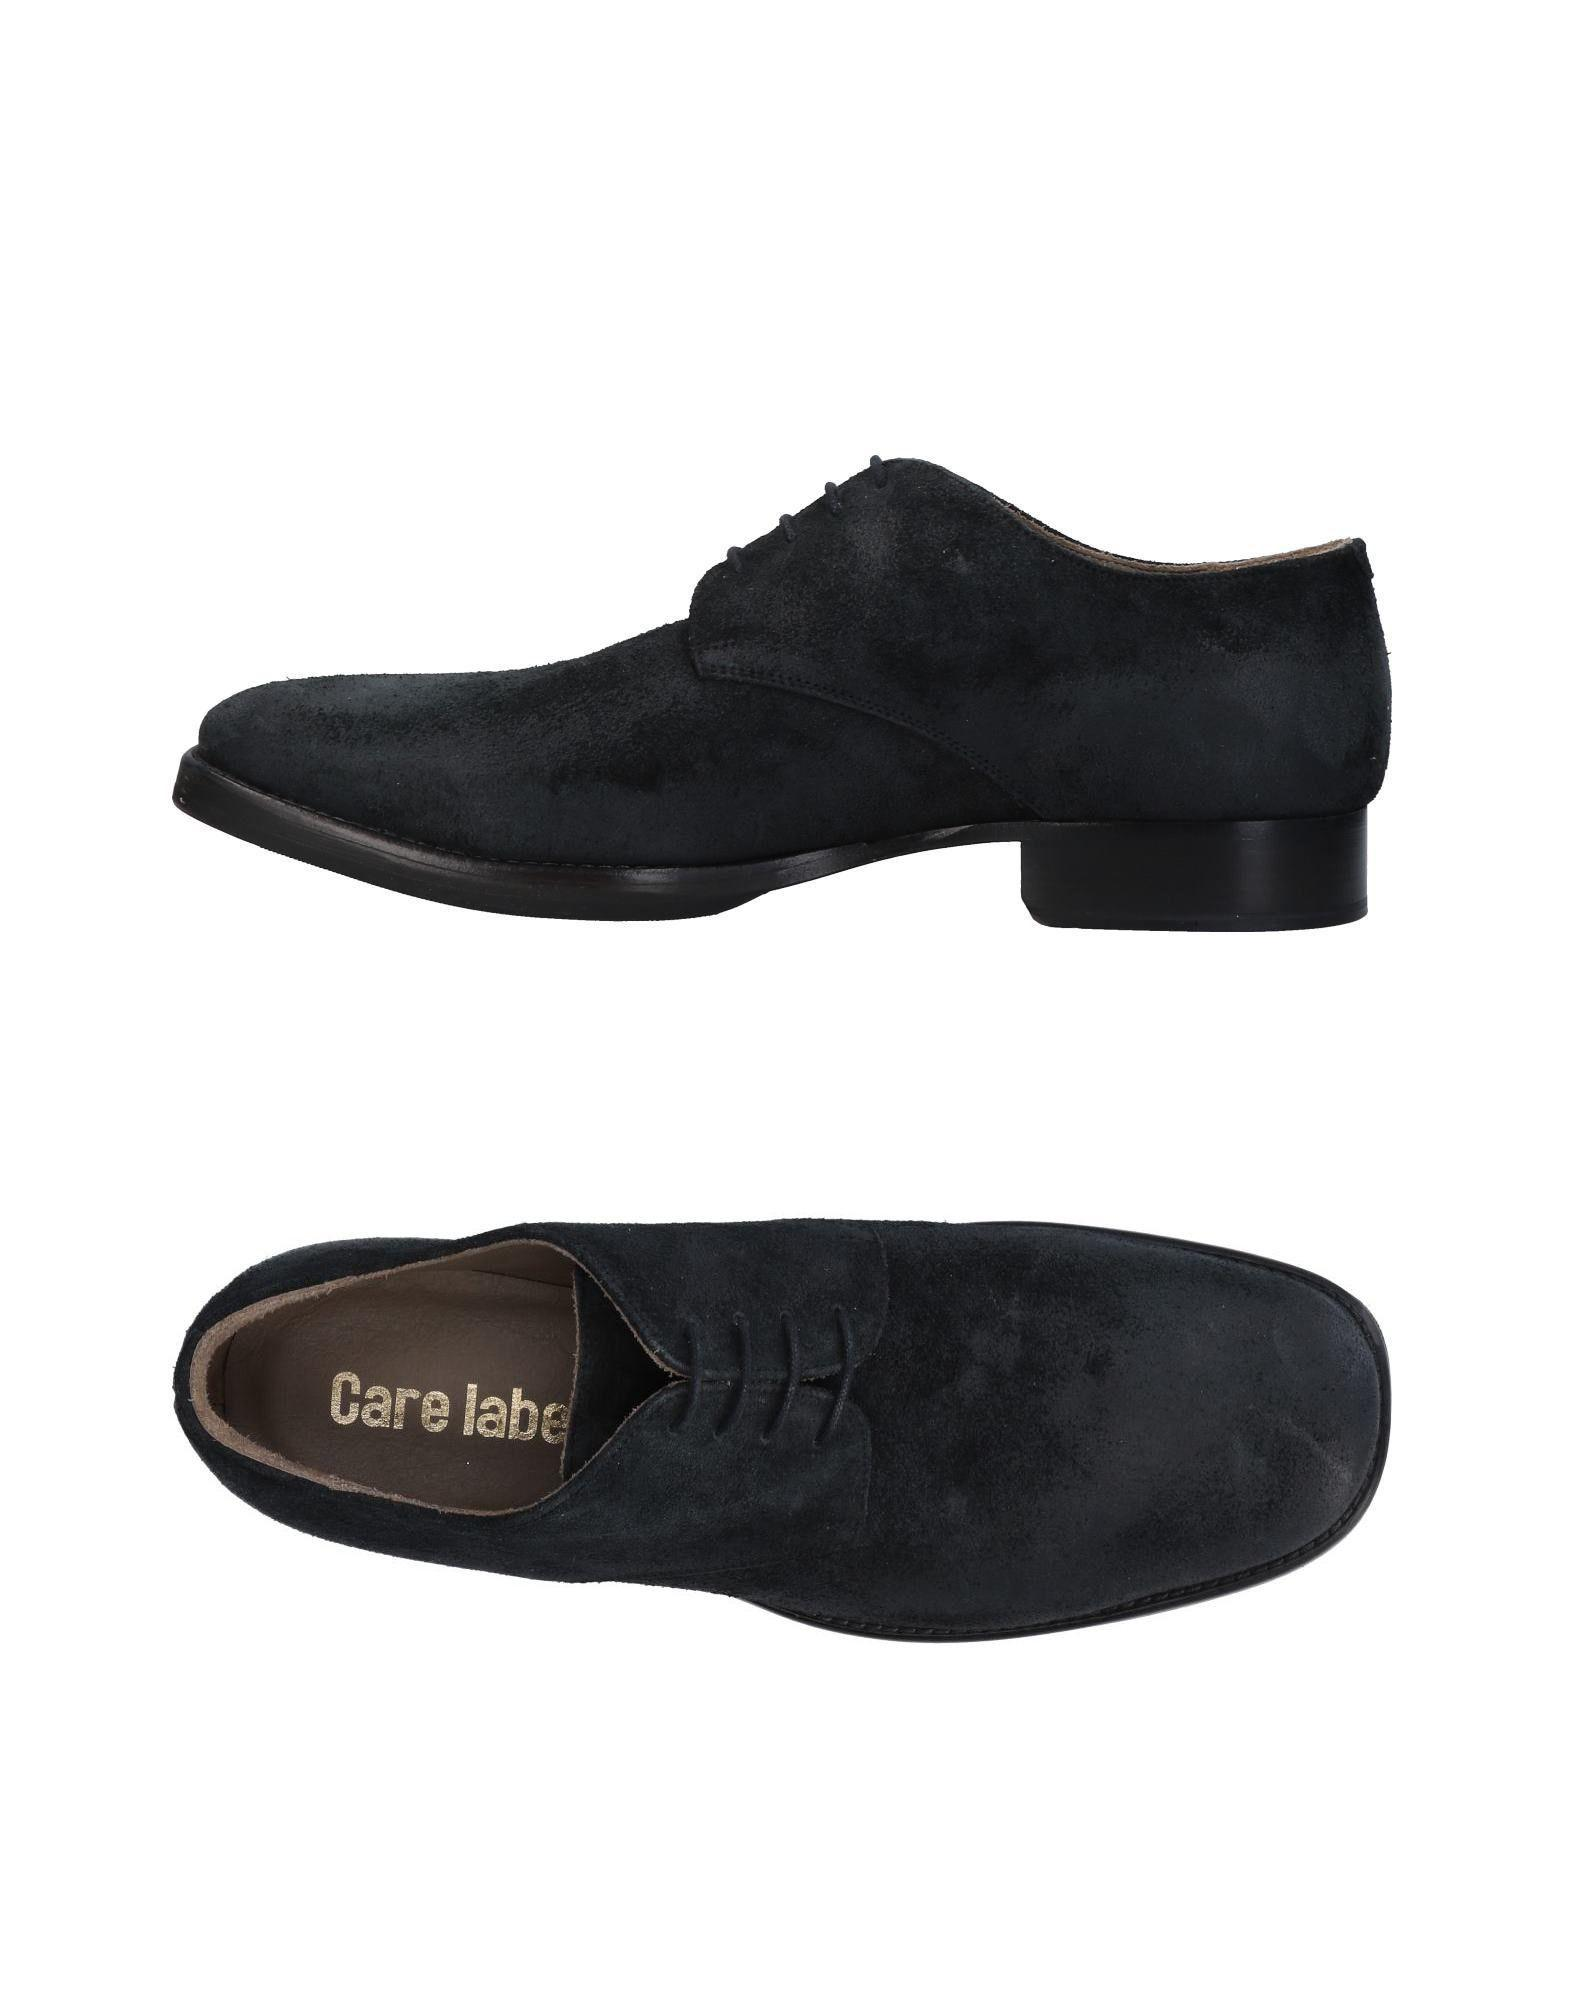 L'étiquette D'entretien De Chaussures À Lacets cAsgCnU1Aw